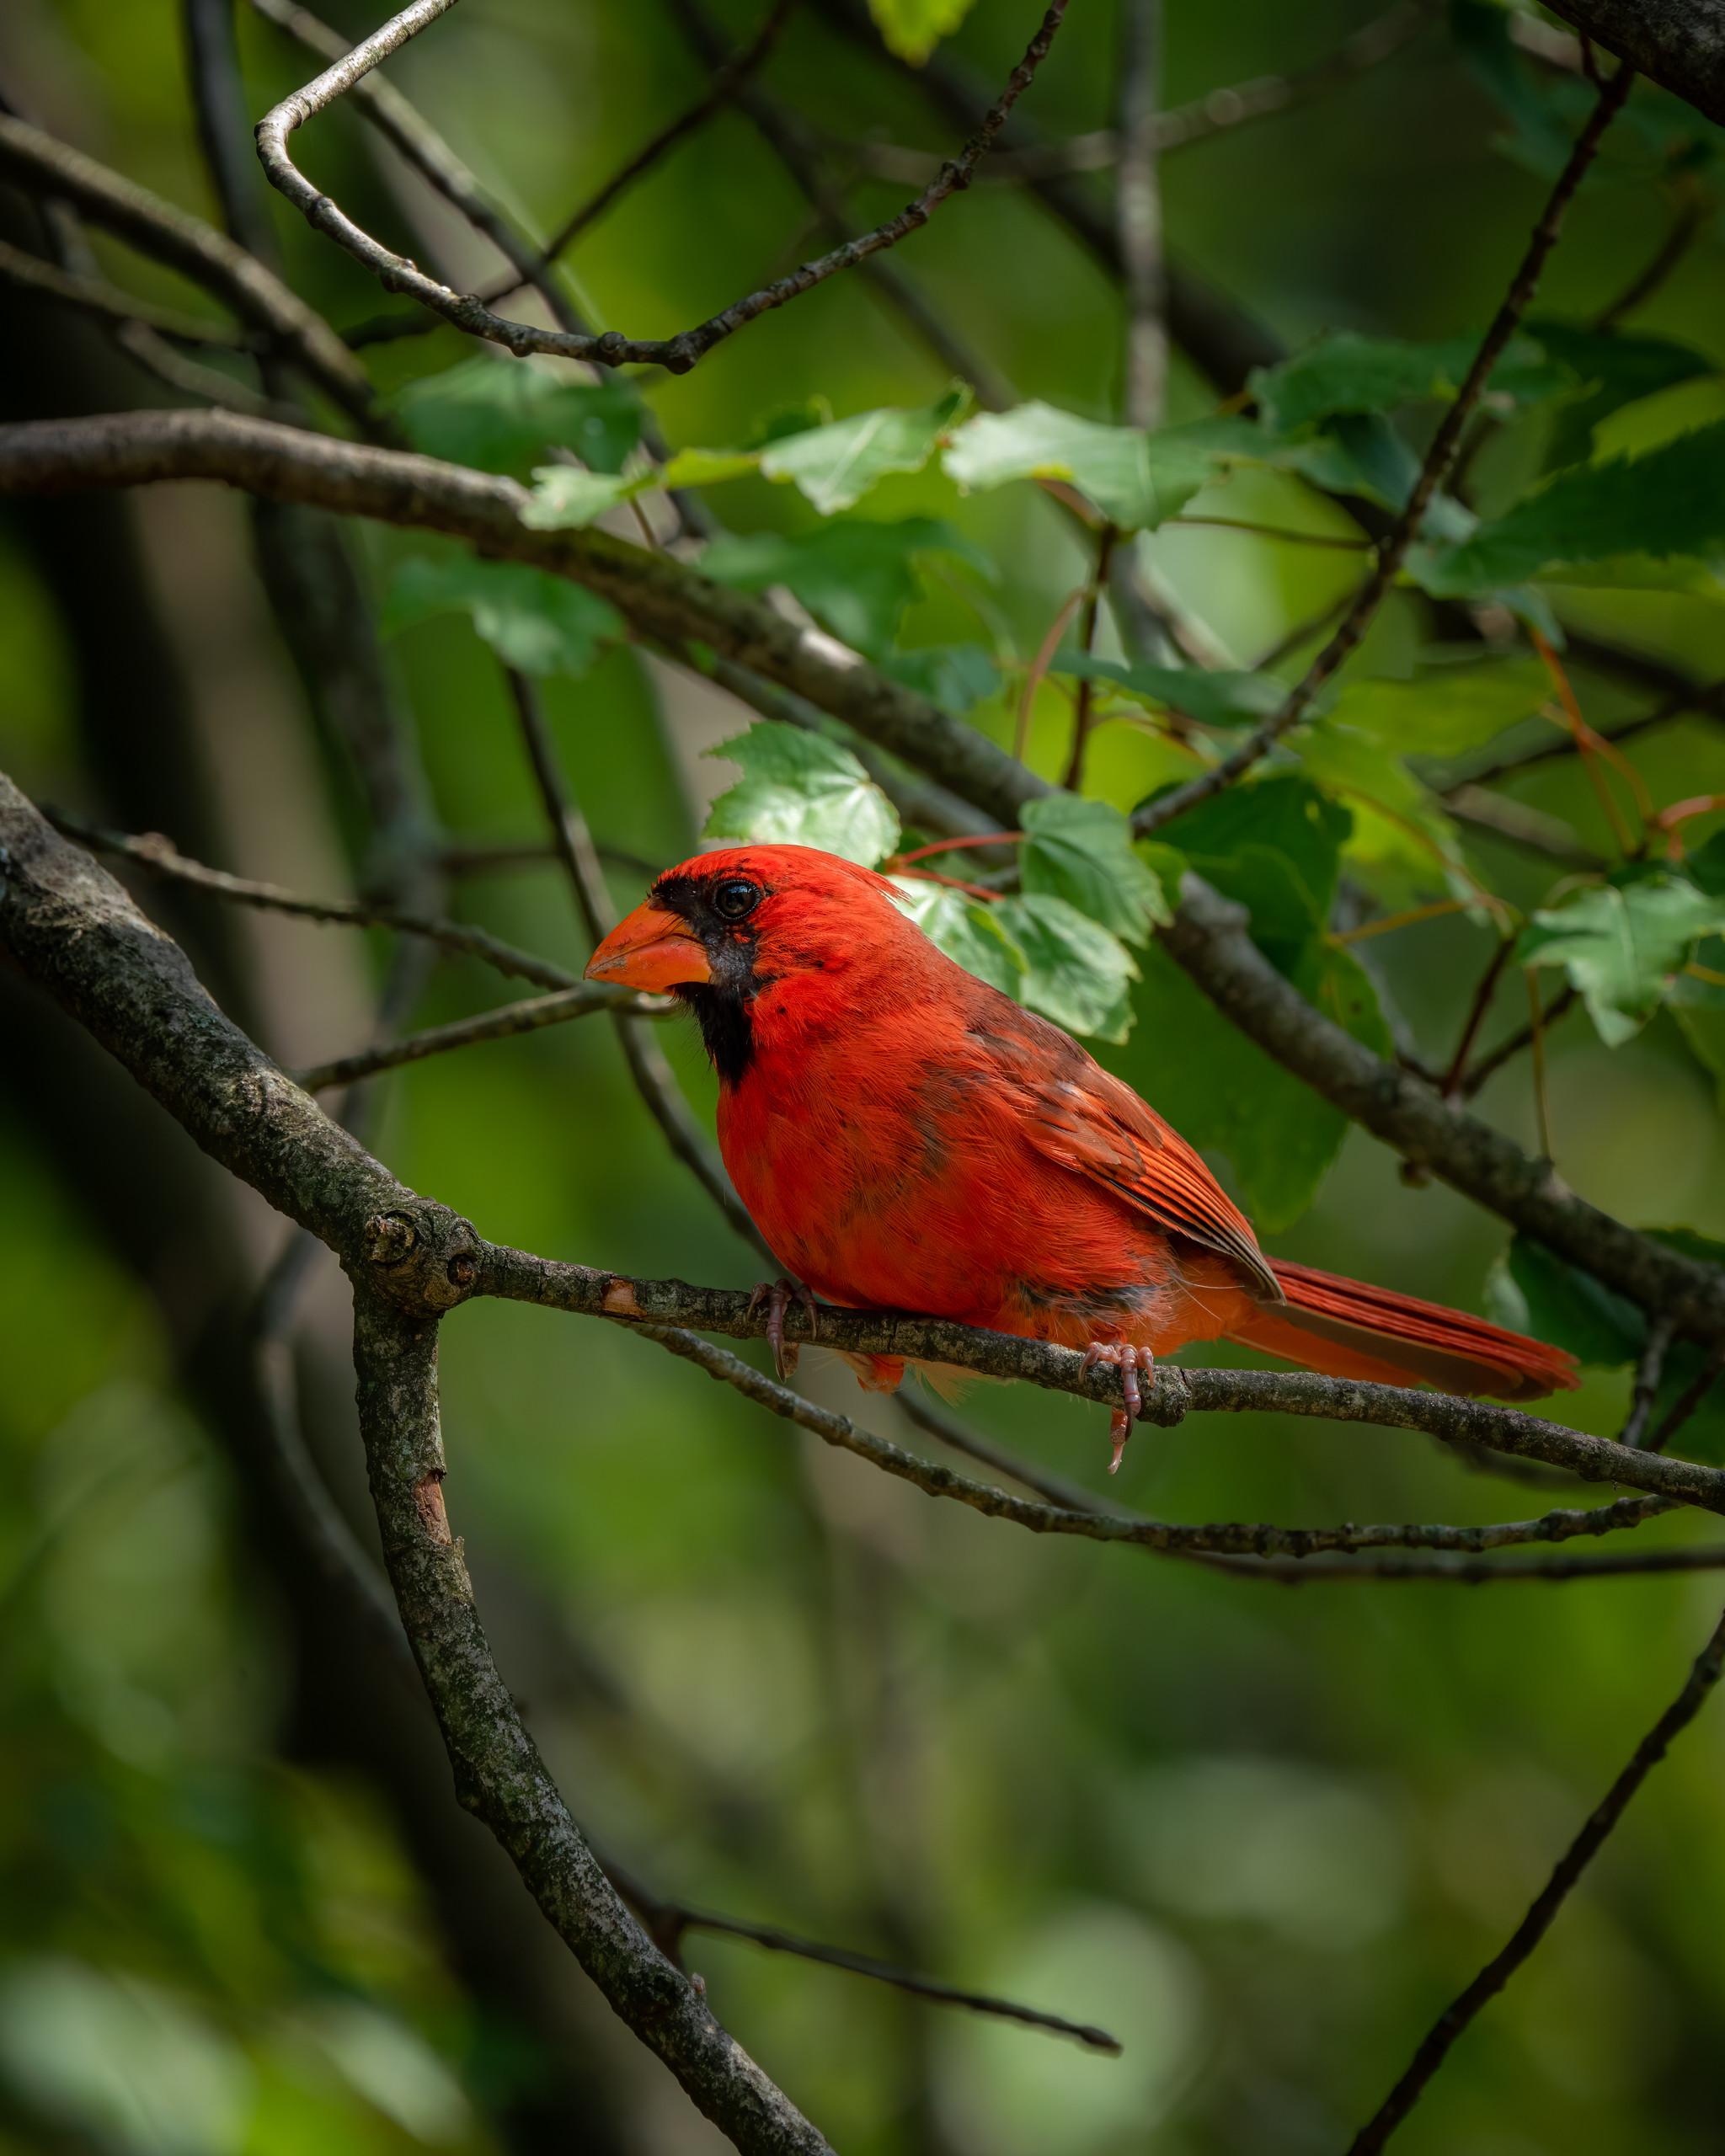 155627 скачать обои Животные, Красный Кардинал, Птица, Яркий, Ветка, Листья - заставки и картинки бесплатно